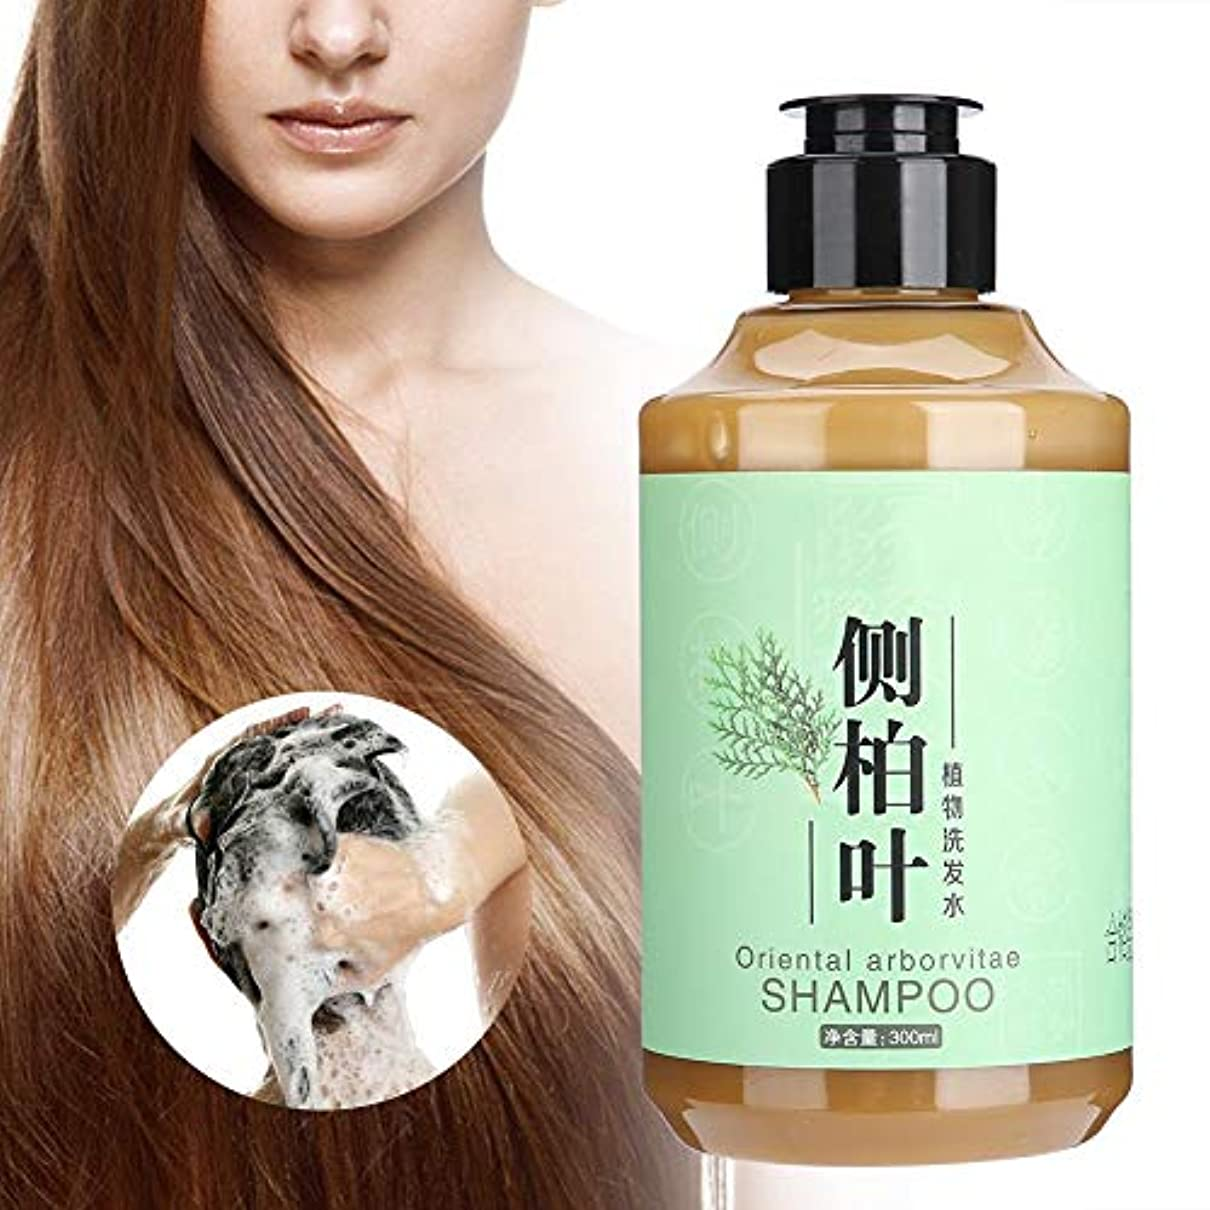 発表するアルバニー騒々しいシャンプー、髪の毛の栄養補給、髪の毛の根元の栄養補給、すべての髪のタイプの男性と女性のための抜け毛の栄養補給用シャンプー